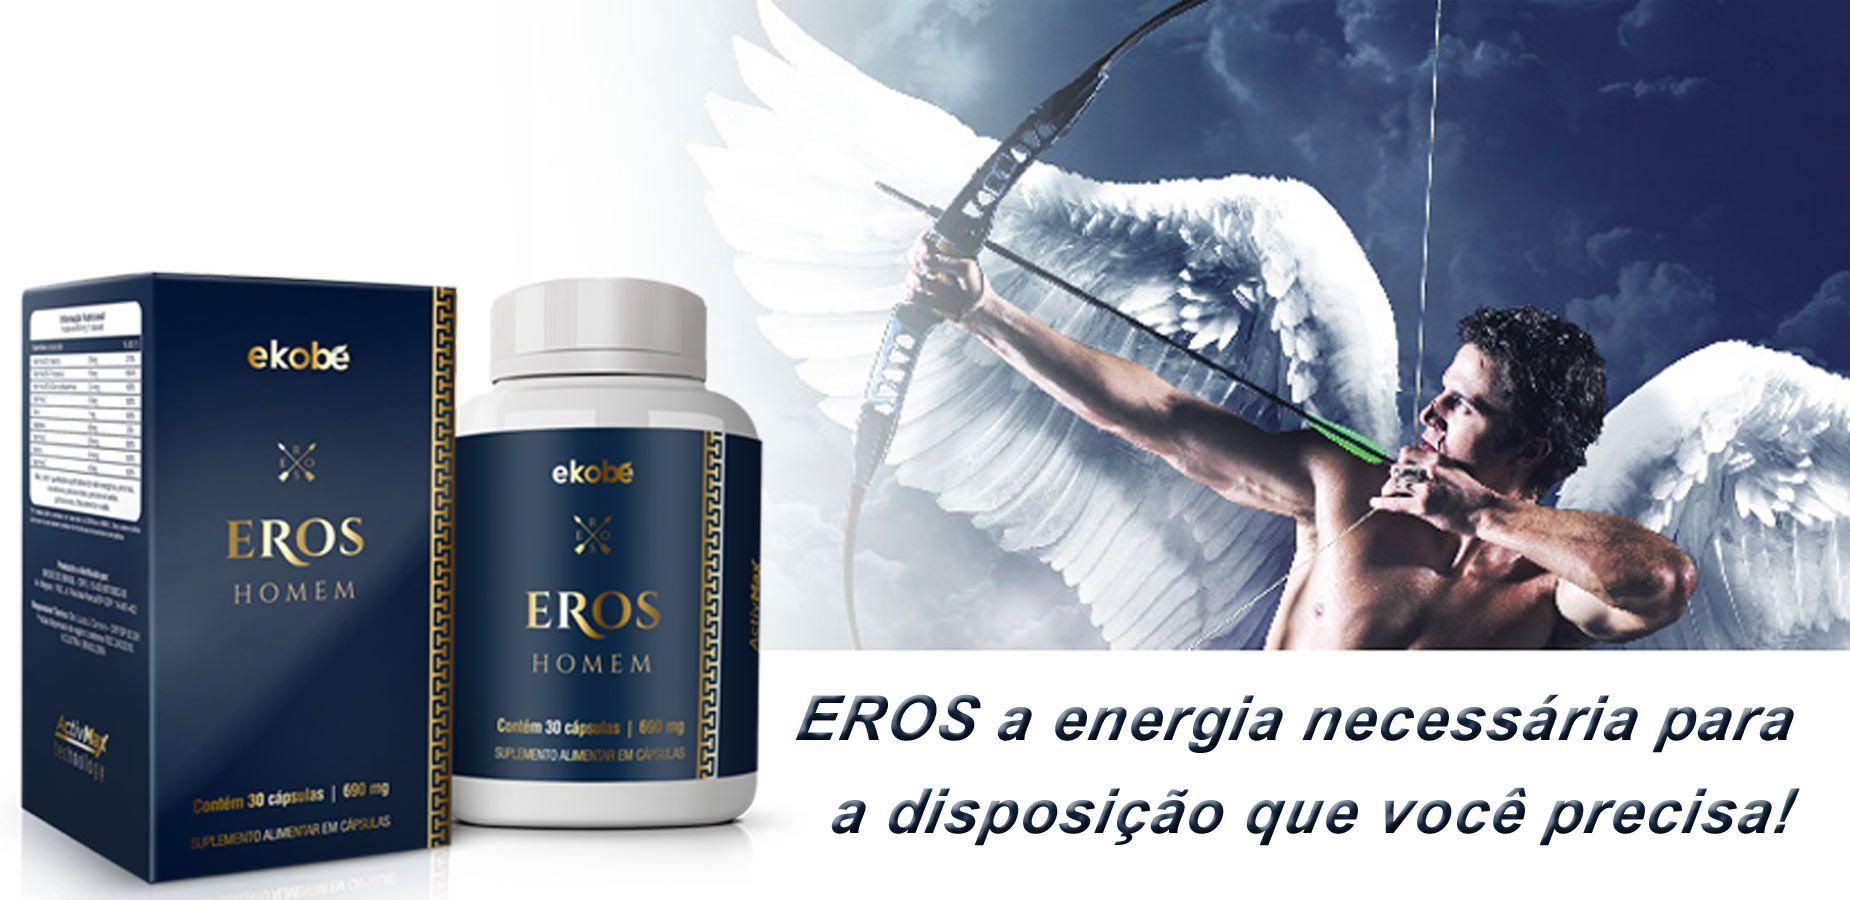 Estimulante Eros Homem 02 Unidades  - Loja Saúde -Diagnósticos